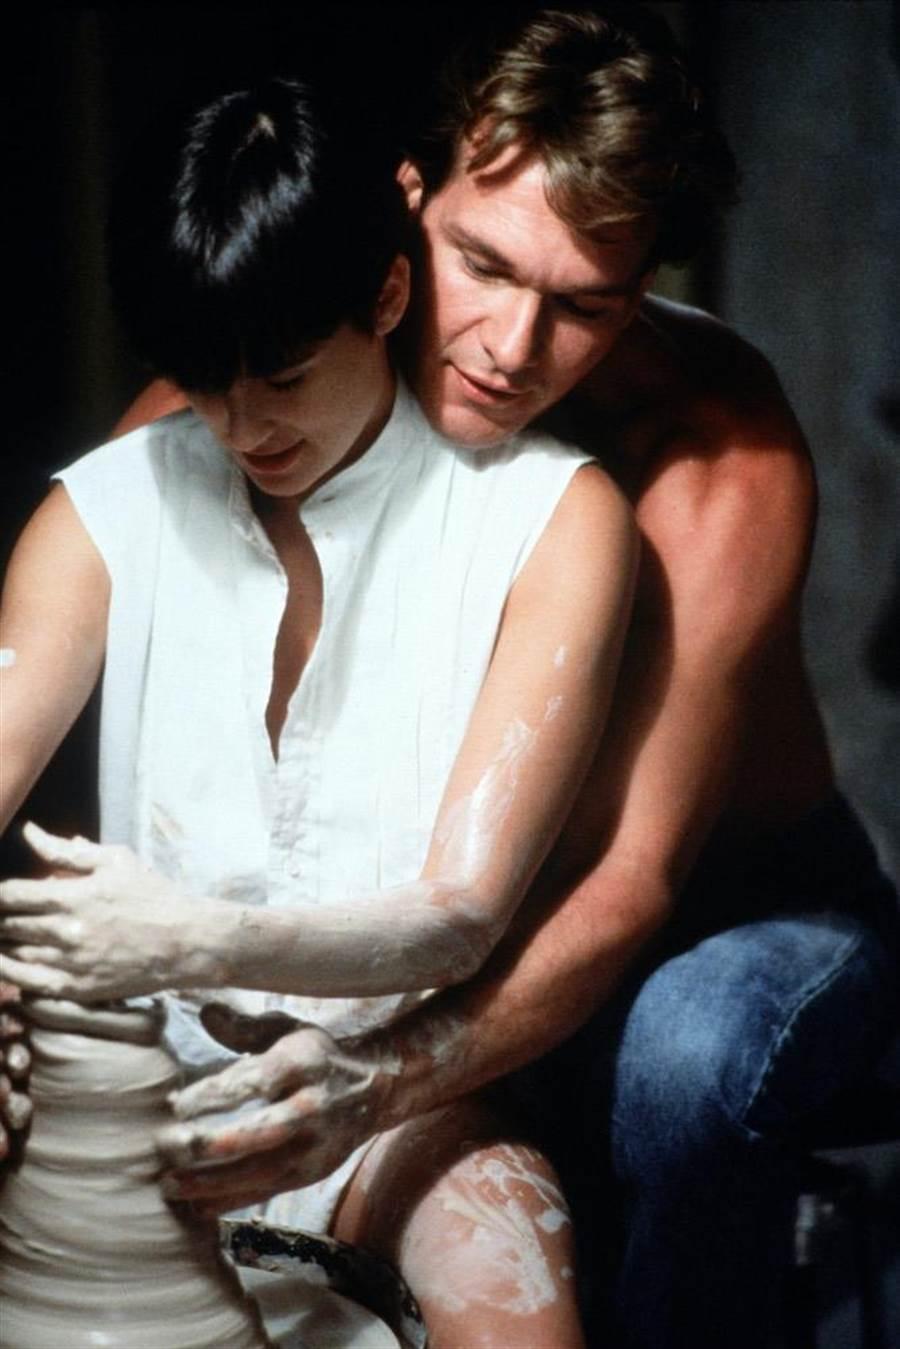 《第六感生死戀》好萊塢已逝男星派屈克史威茲(右)與黛咪摩爾的手拉坯堪稱經典情慾場景。(捷傑電影提供)